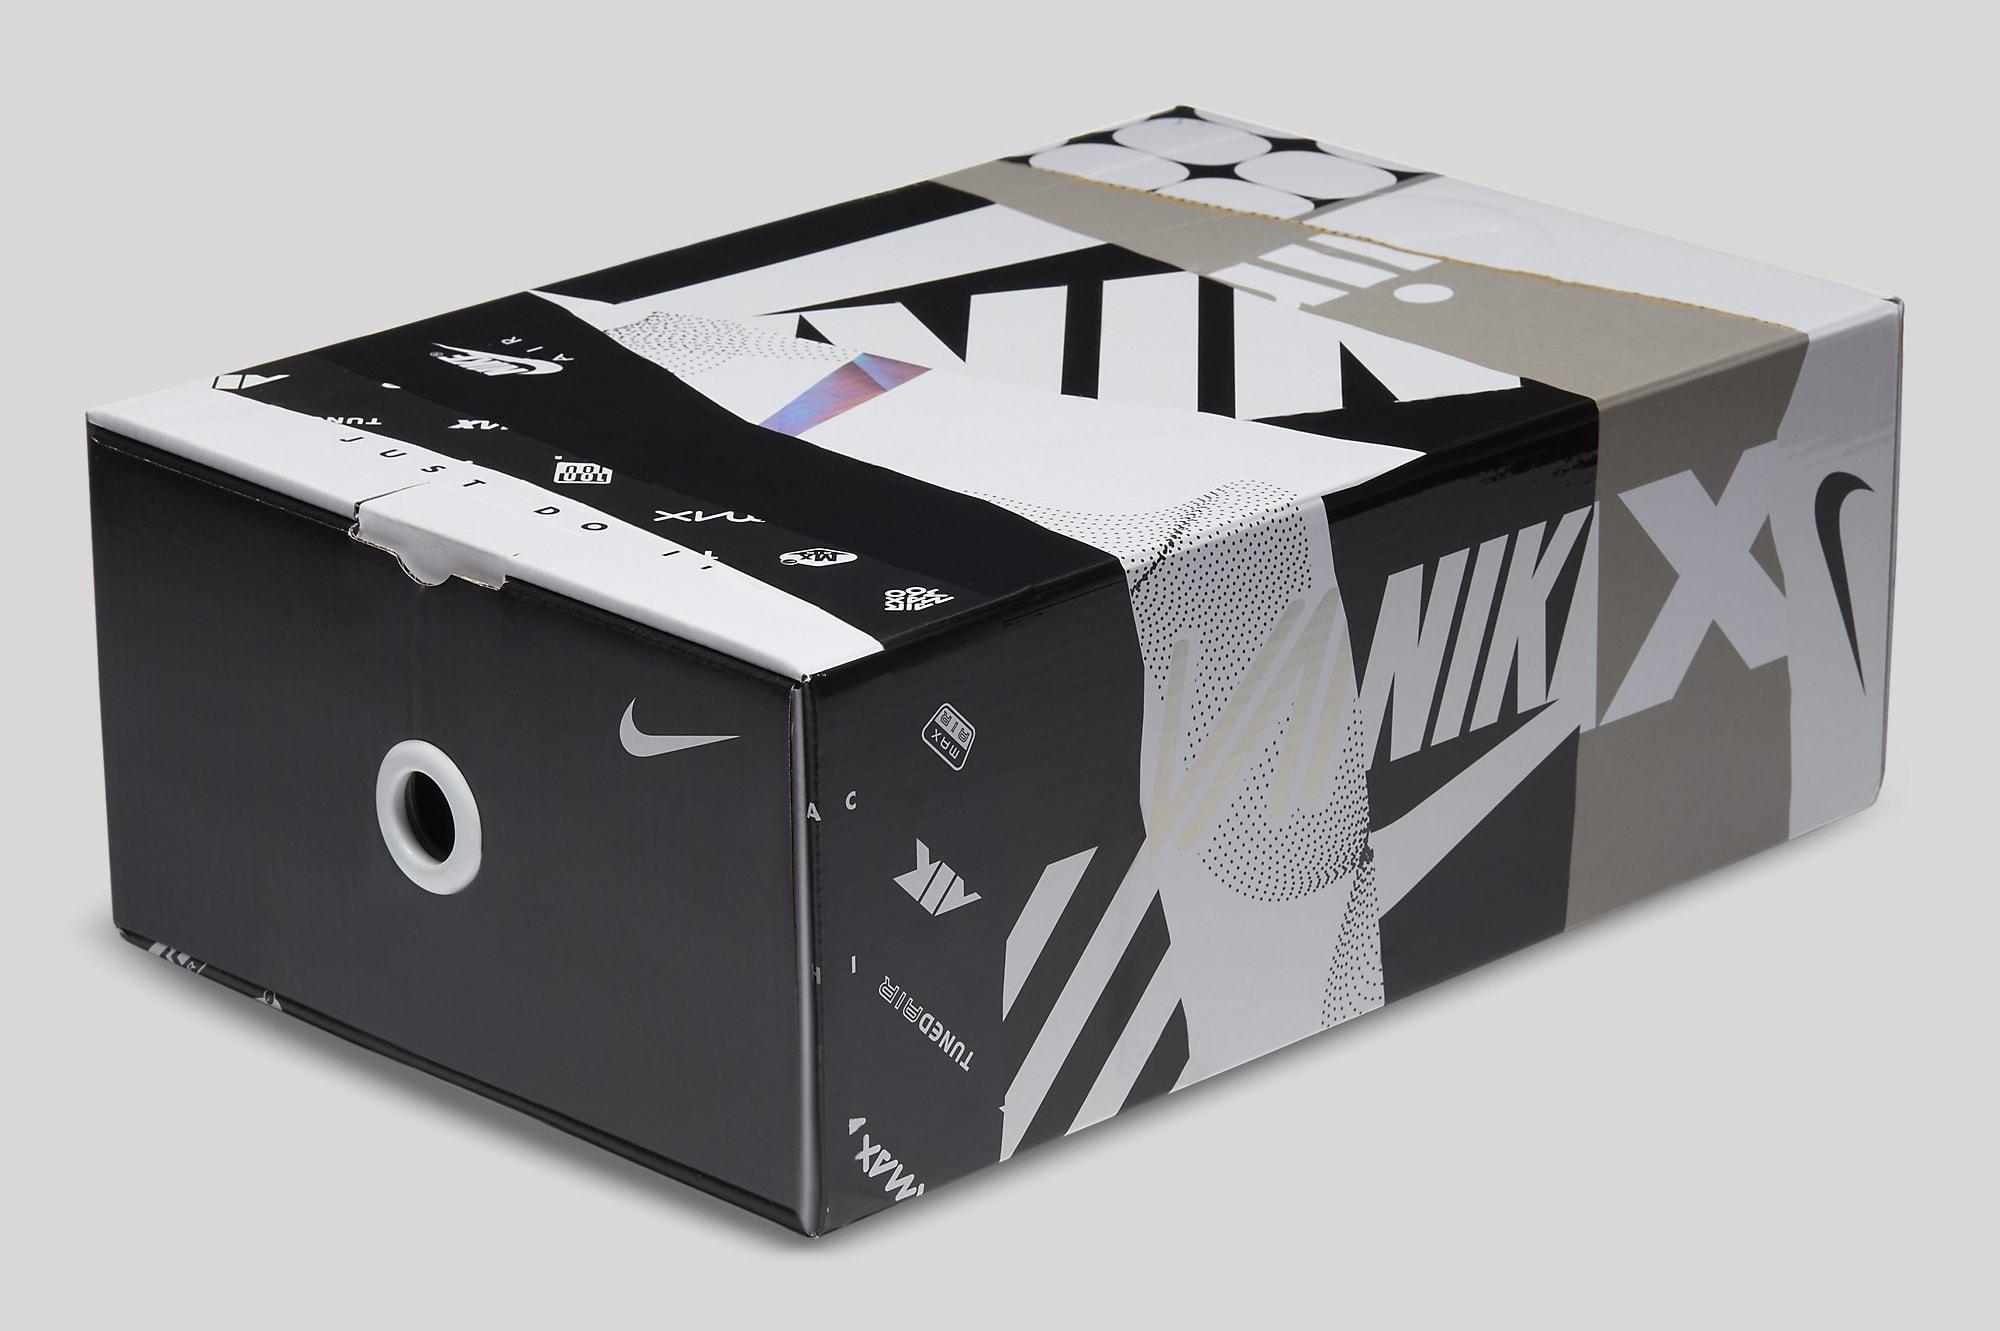 Nike Air Max 1 'Evolutions of Icons' CW6541-100 Box